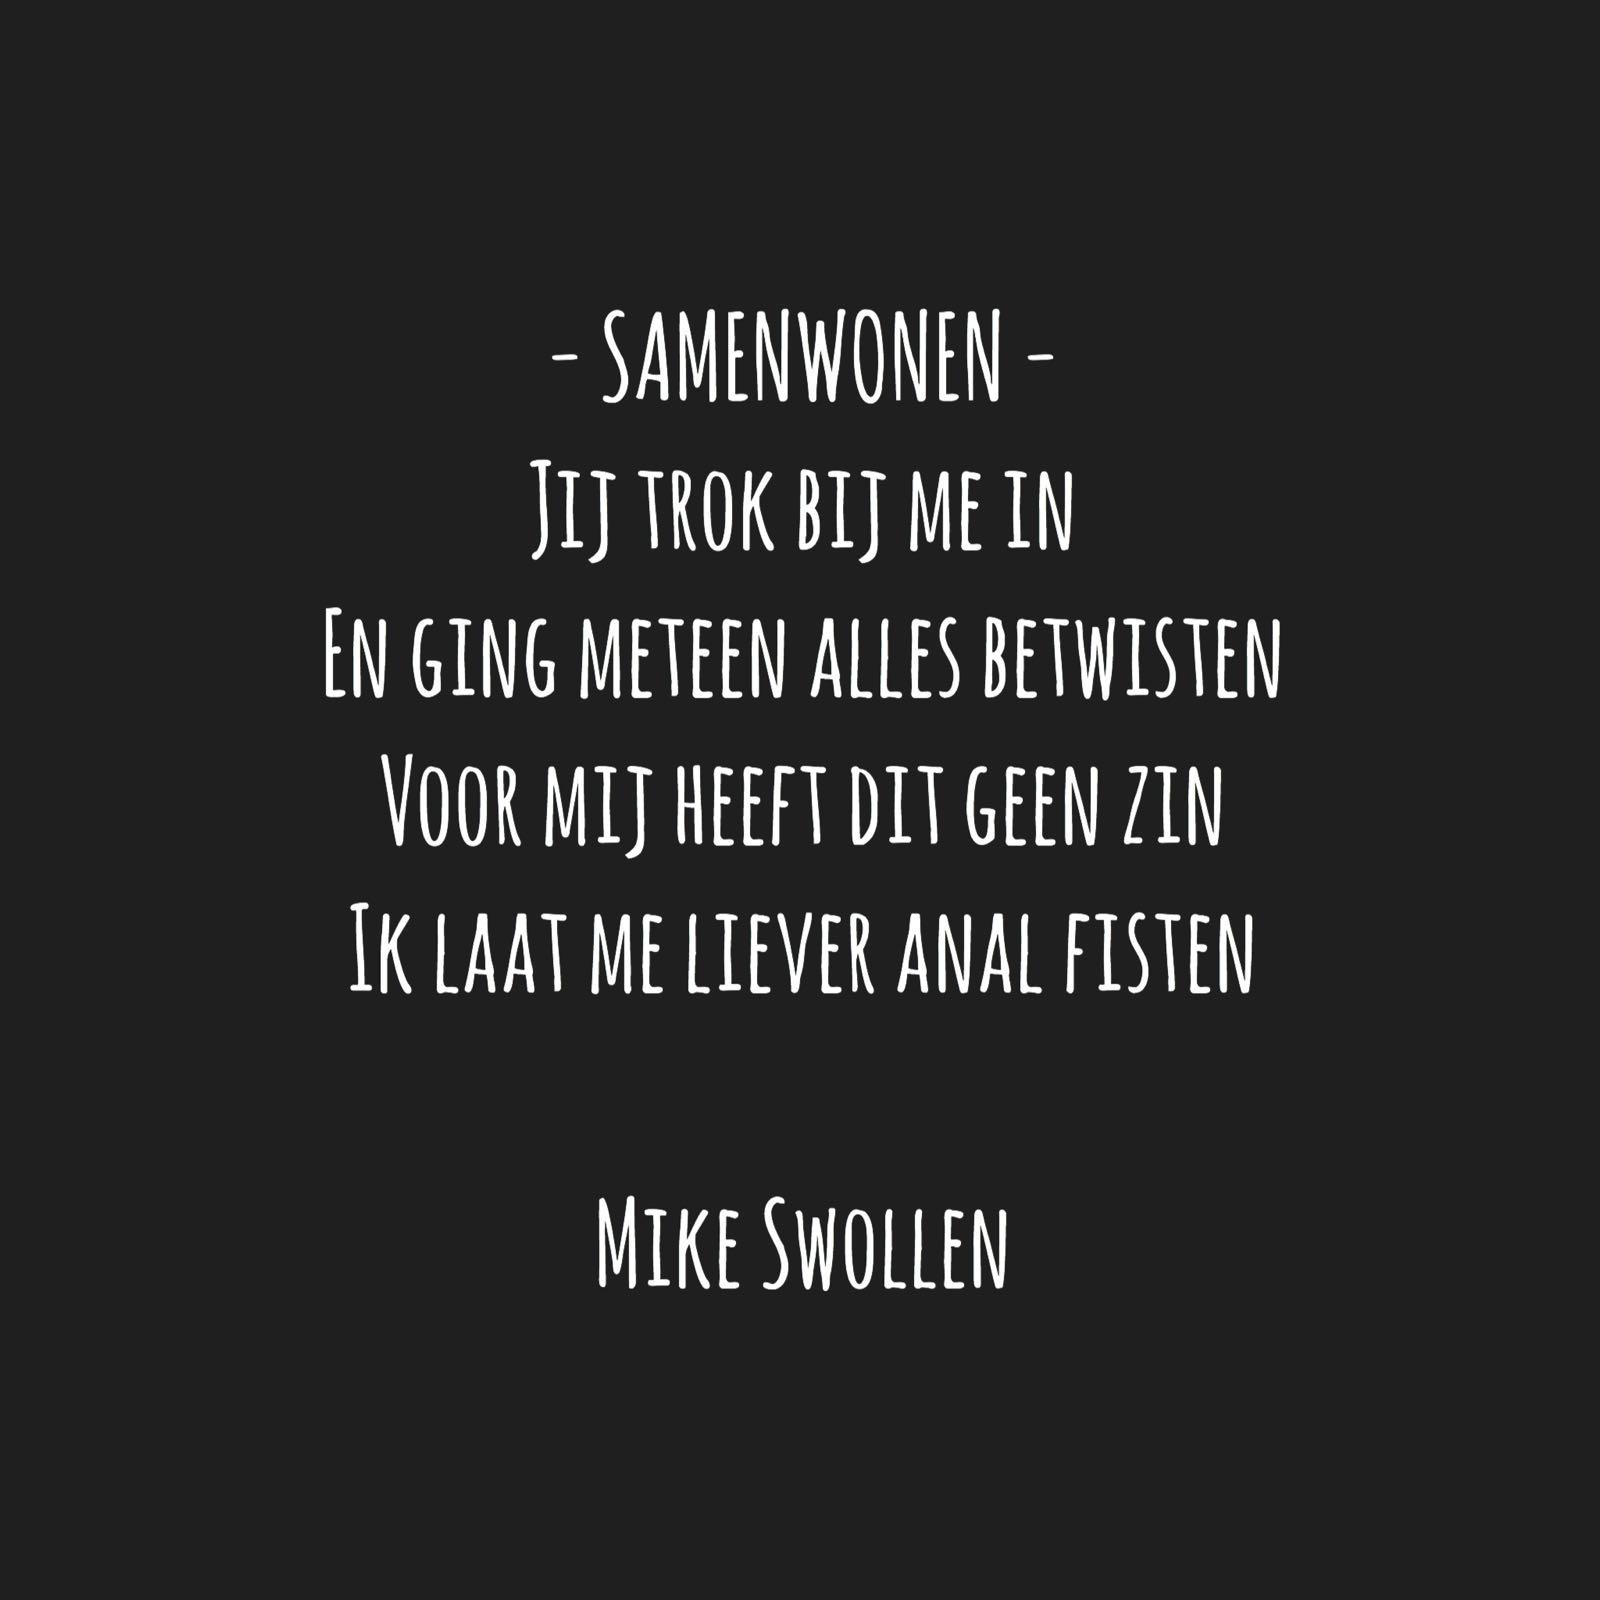 Uitzonderlijk FOK.nl / Weblog / Gedicht van de dag: Samenwonen GZ62